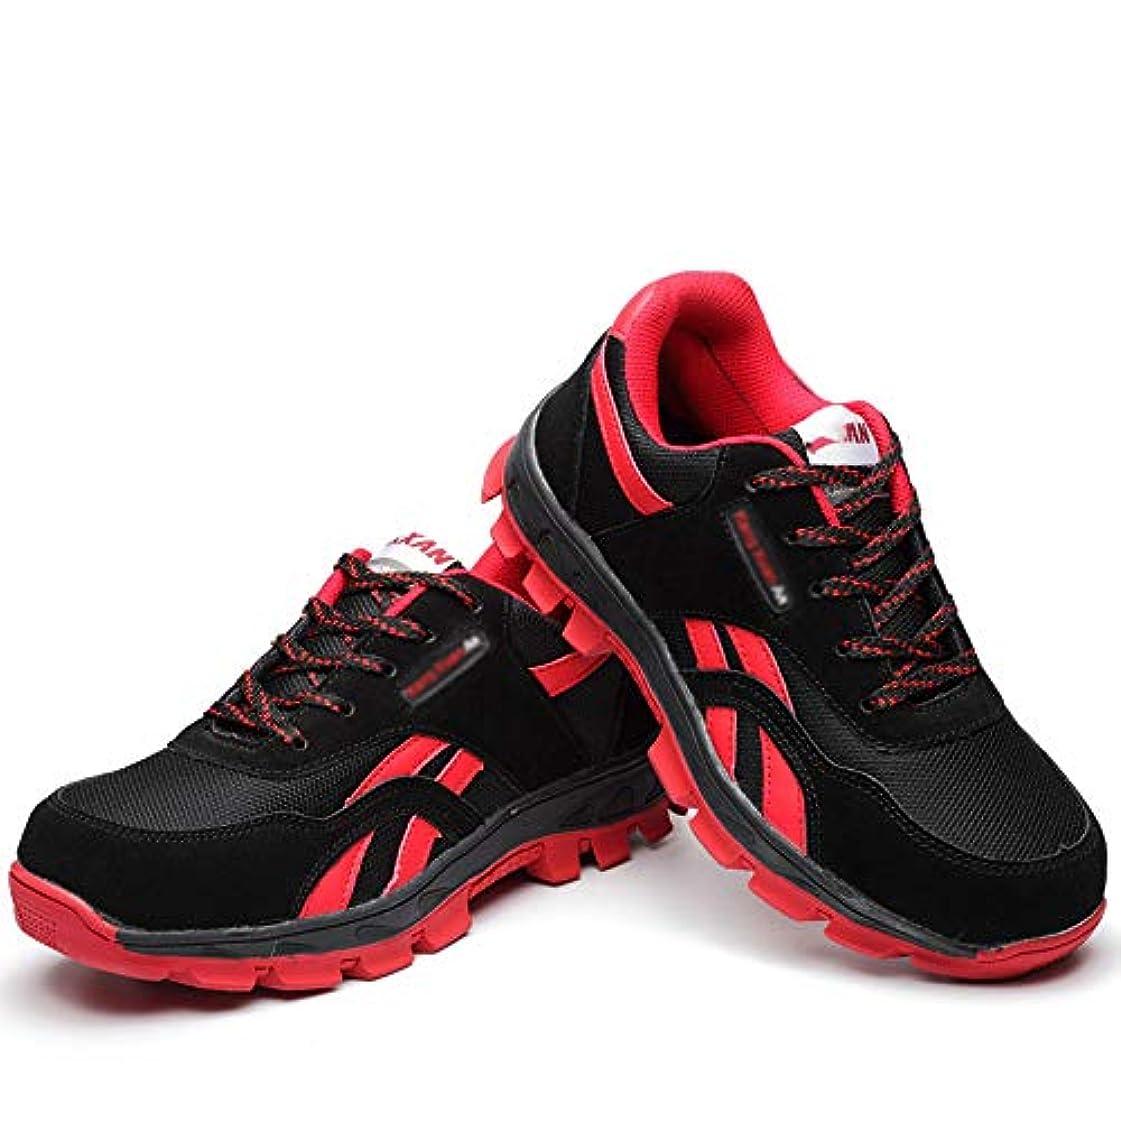 一見大学パンフレットスチールトゥキャップアンチスマッシュし、抗ピアスの安全性は、メンズ鋼板の靴を労働安全靴作業靴溶接登山レジャー安全靴シューズ,37